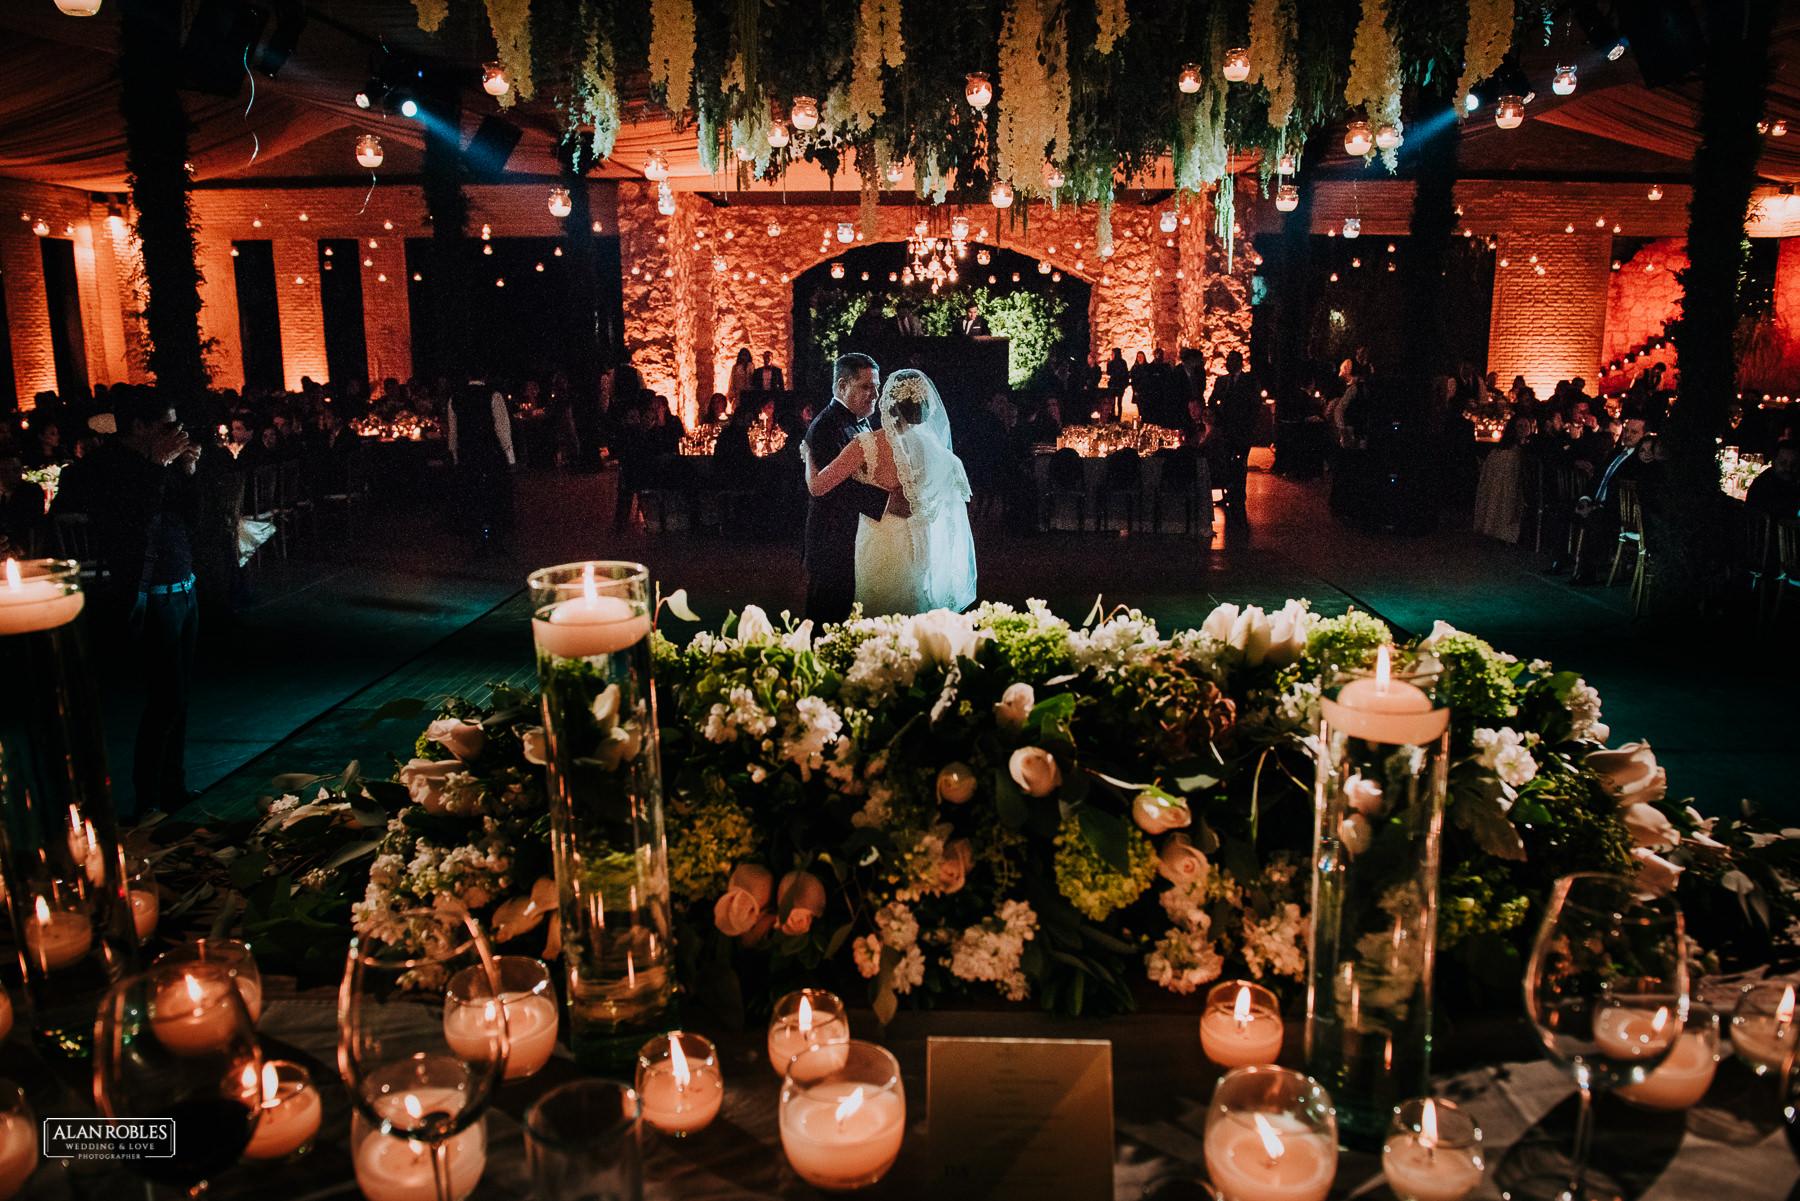 Fotografo de bodas Alan Robles-Casa Clementina Guadalajara DyA-59